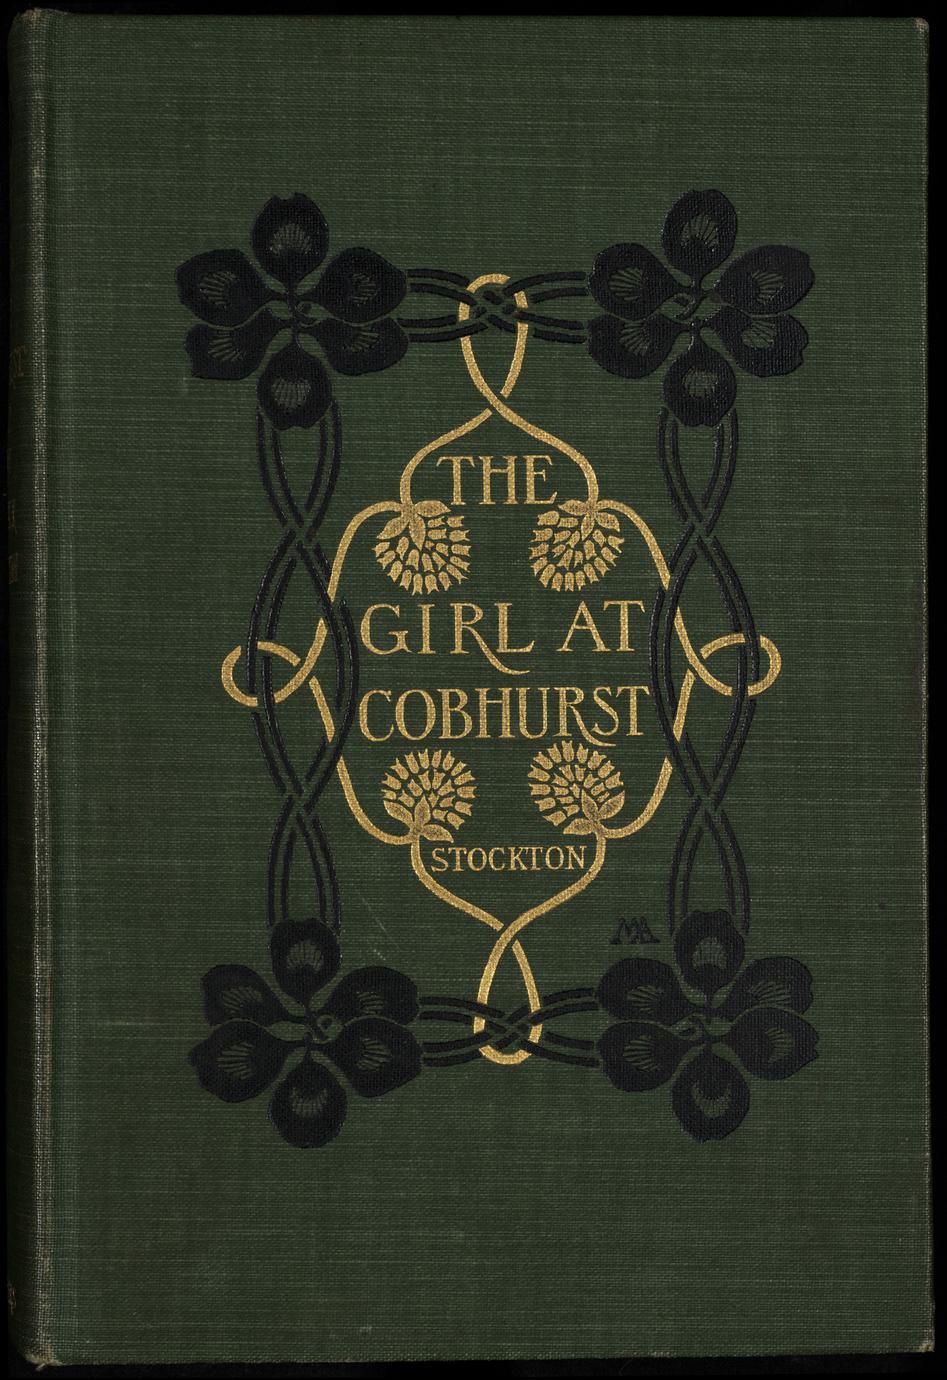 The girl at Cobhurst (1 of 3)